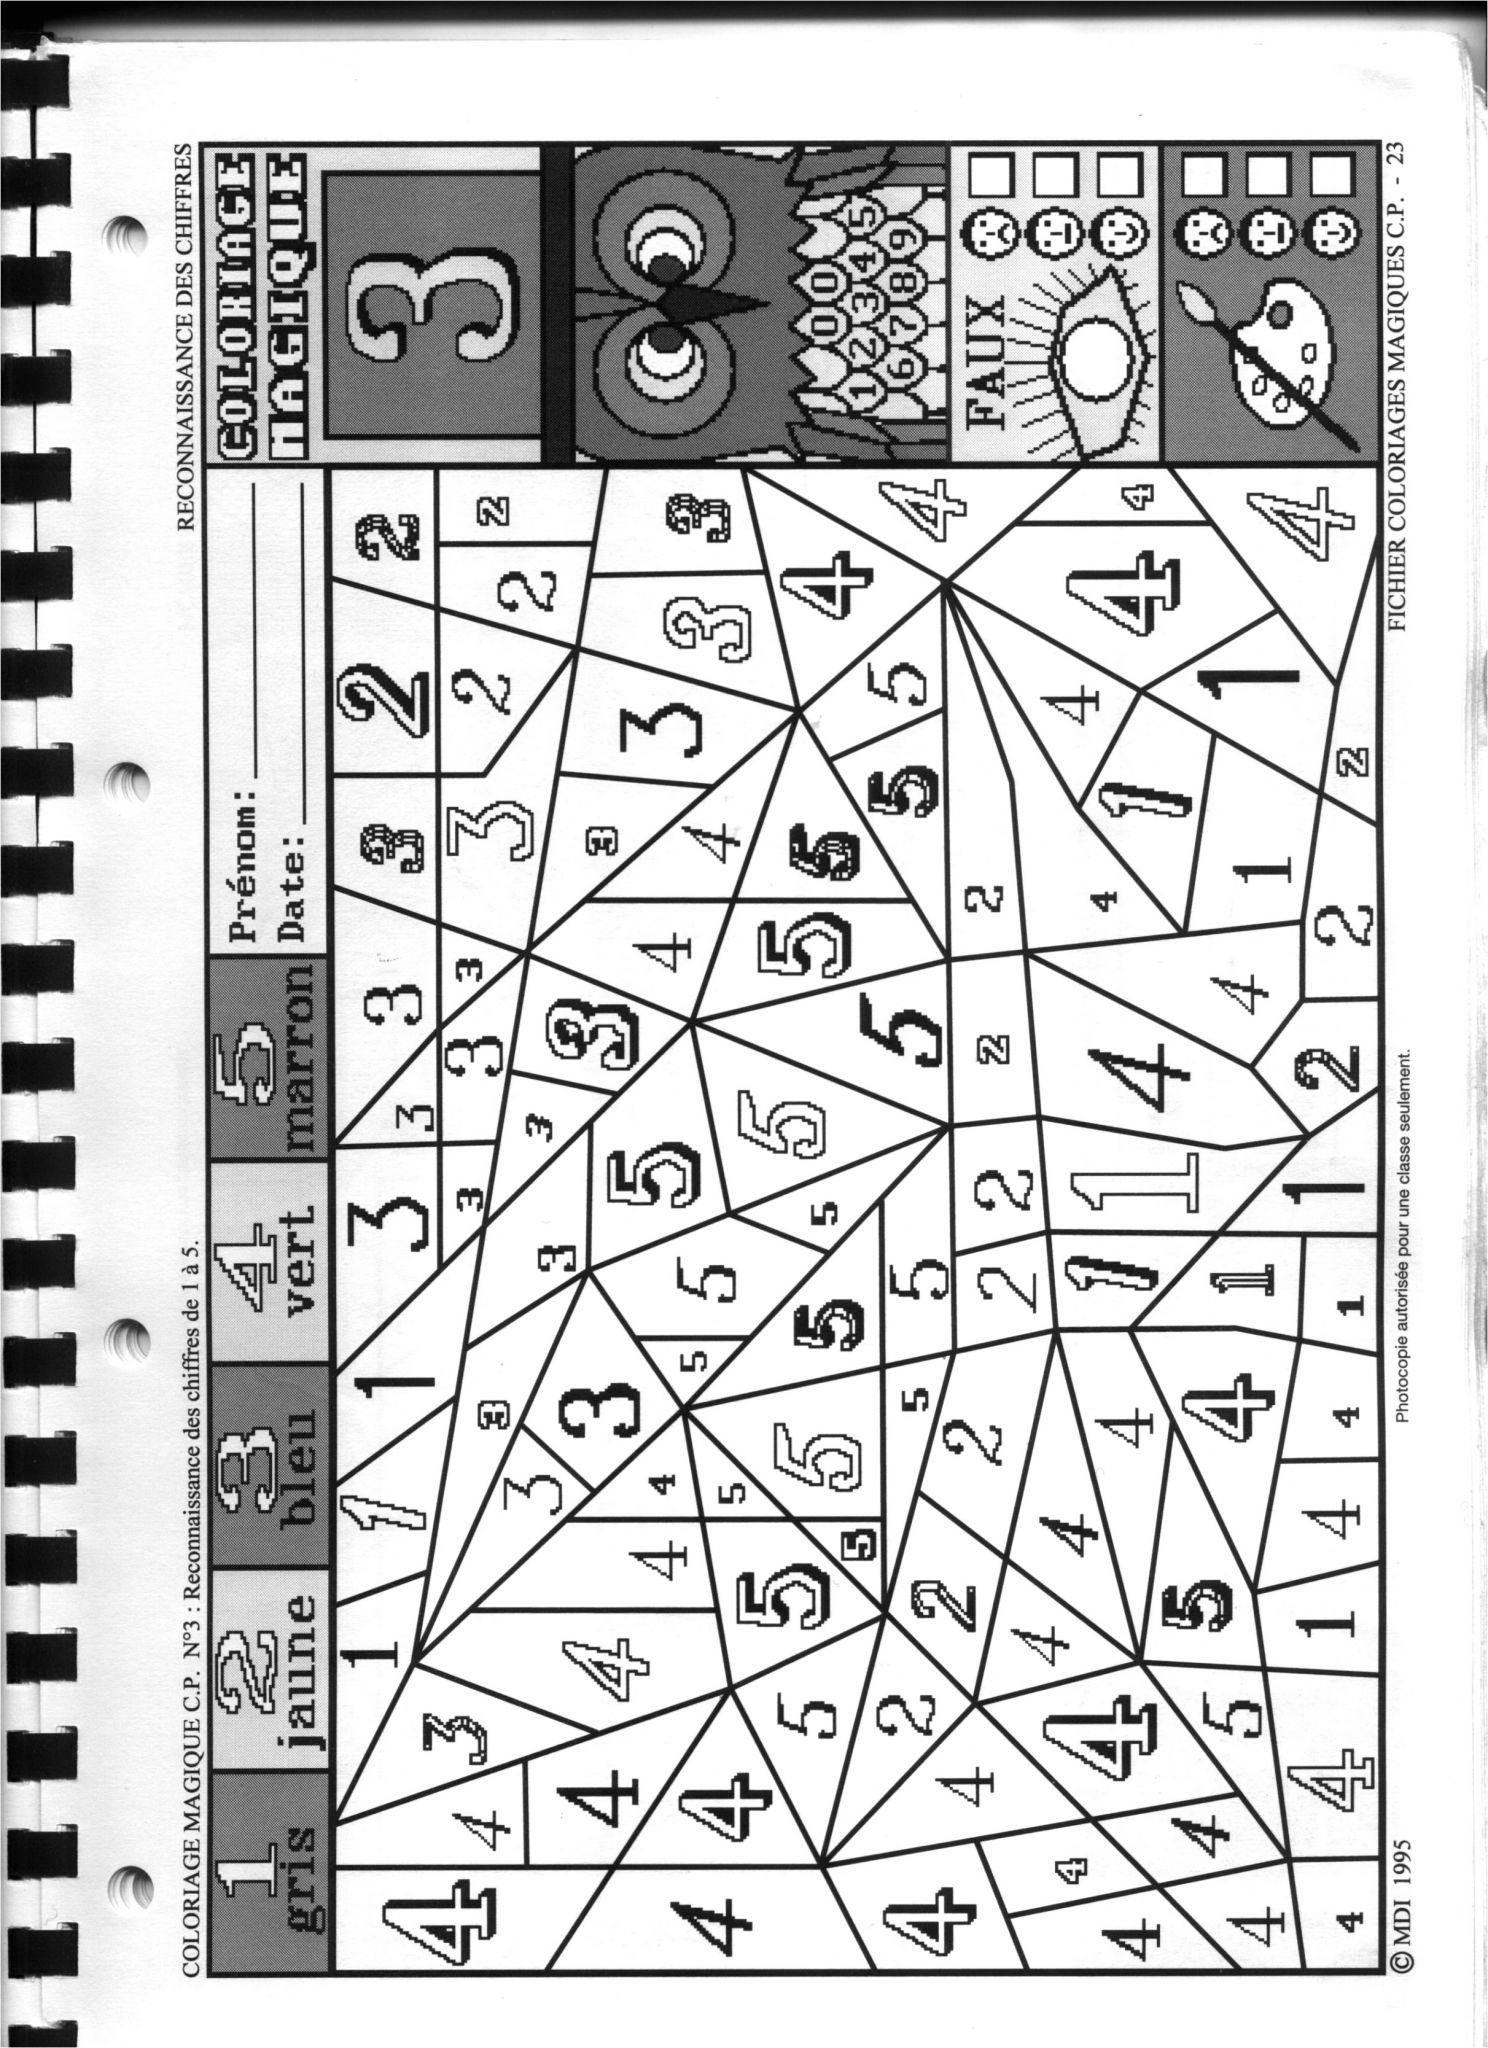 Fichier Mdi Coloriage Magique Fichier Coloriage Magique Cp concernant Coloriage Magique Mdi